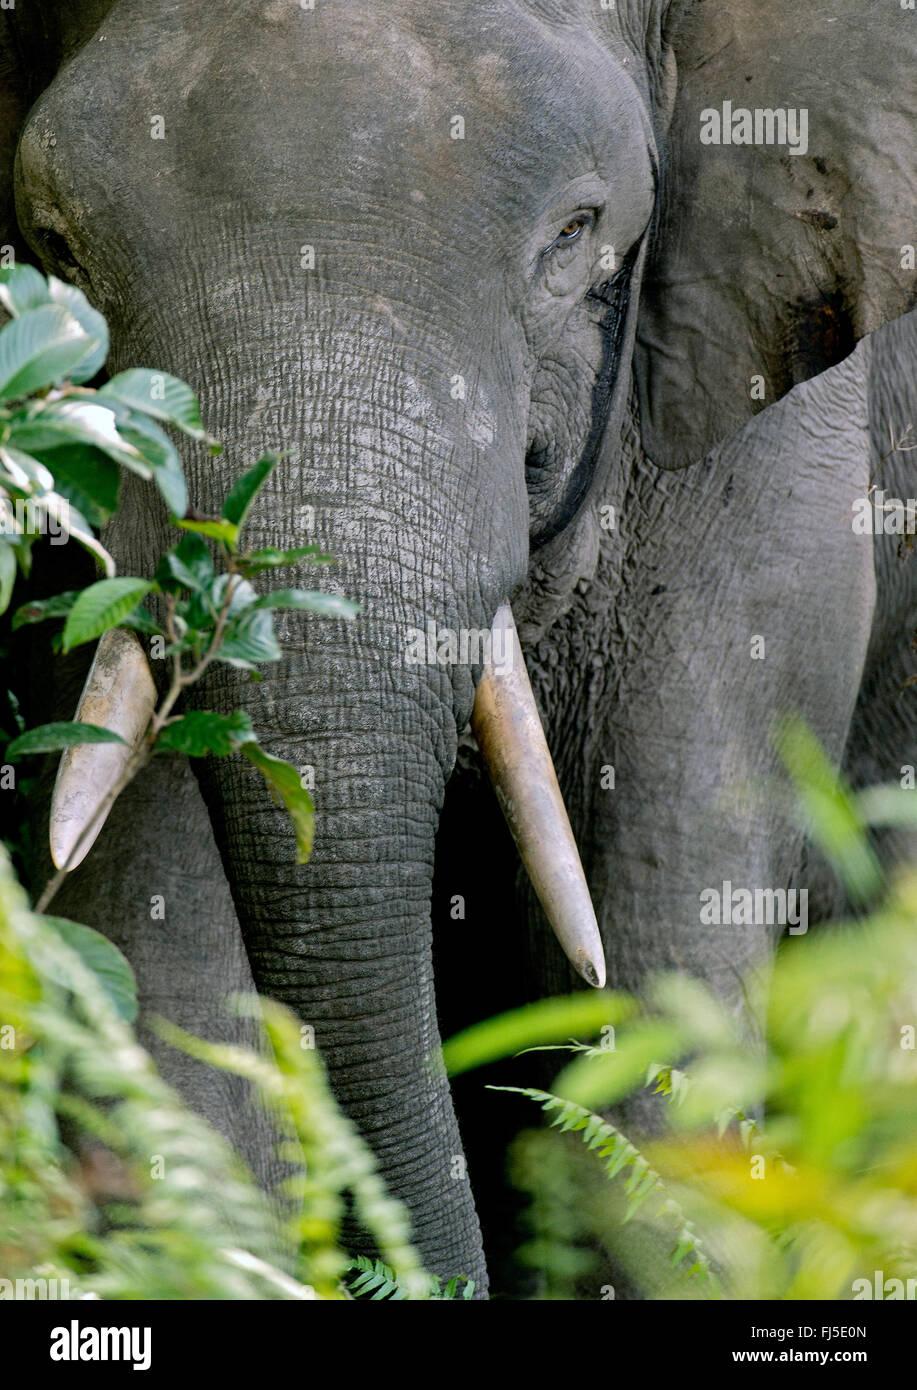 Bornes d'Éléphants nains borneensis (Elephas maximus), portrait, Malaisie, Bornéo, Sabah, rivière Photo Stock